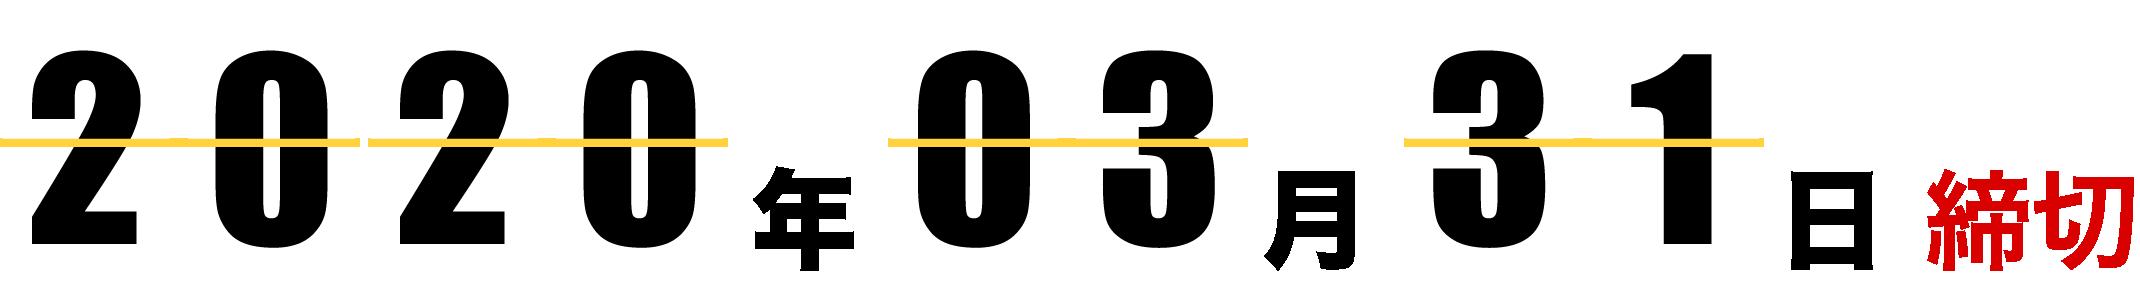 2020年03月31日締切